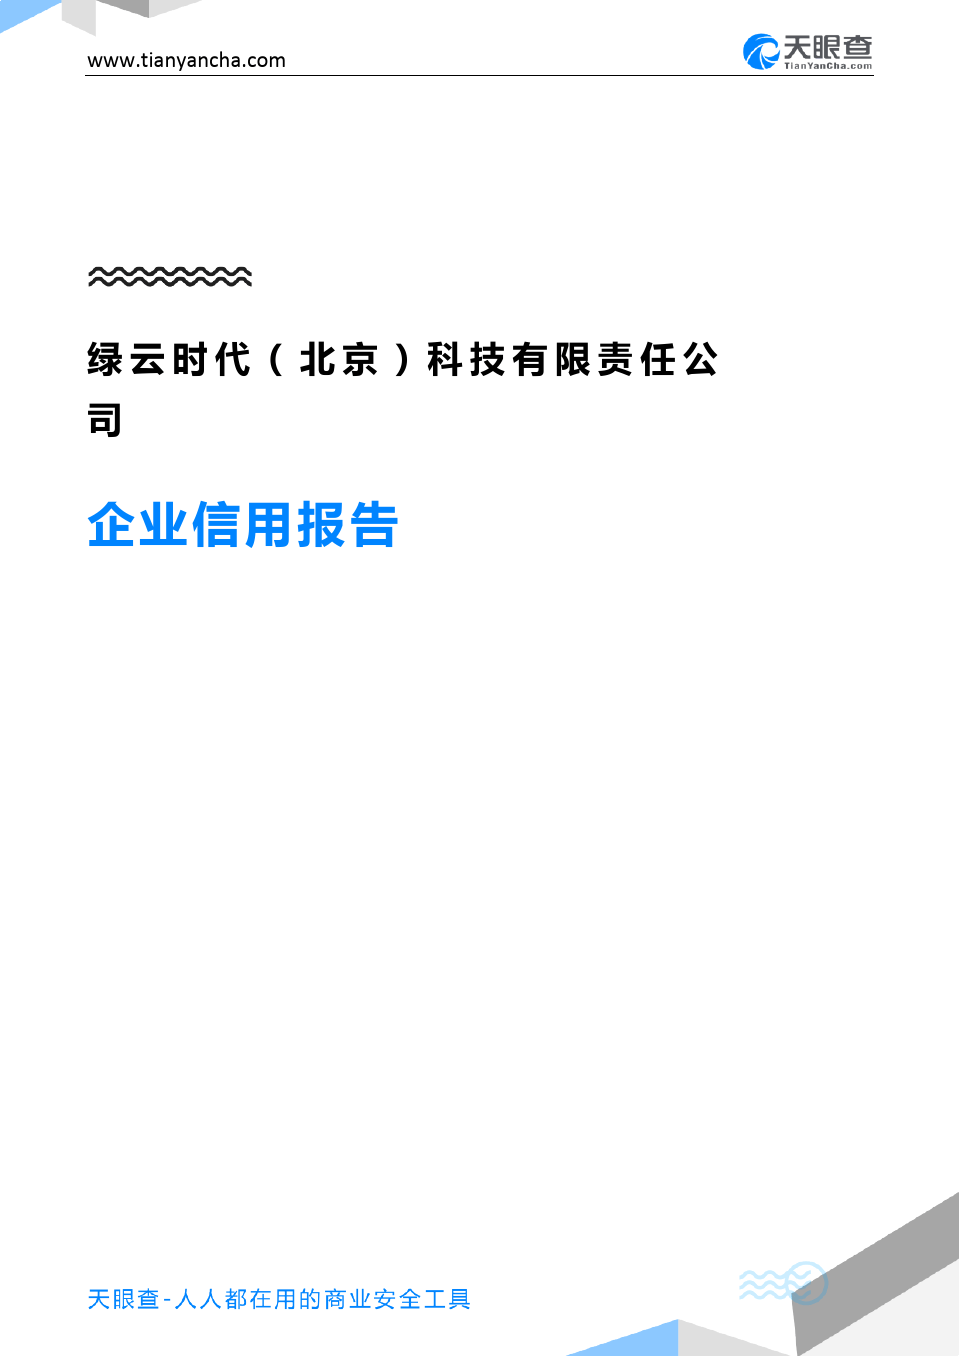 绿云时代(北京)科技有限责任公司(企业信用报告)- 天眼查